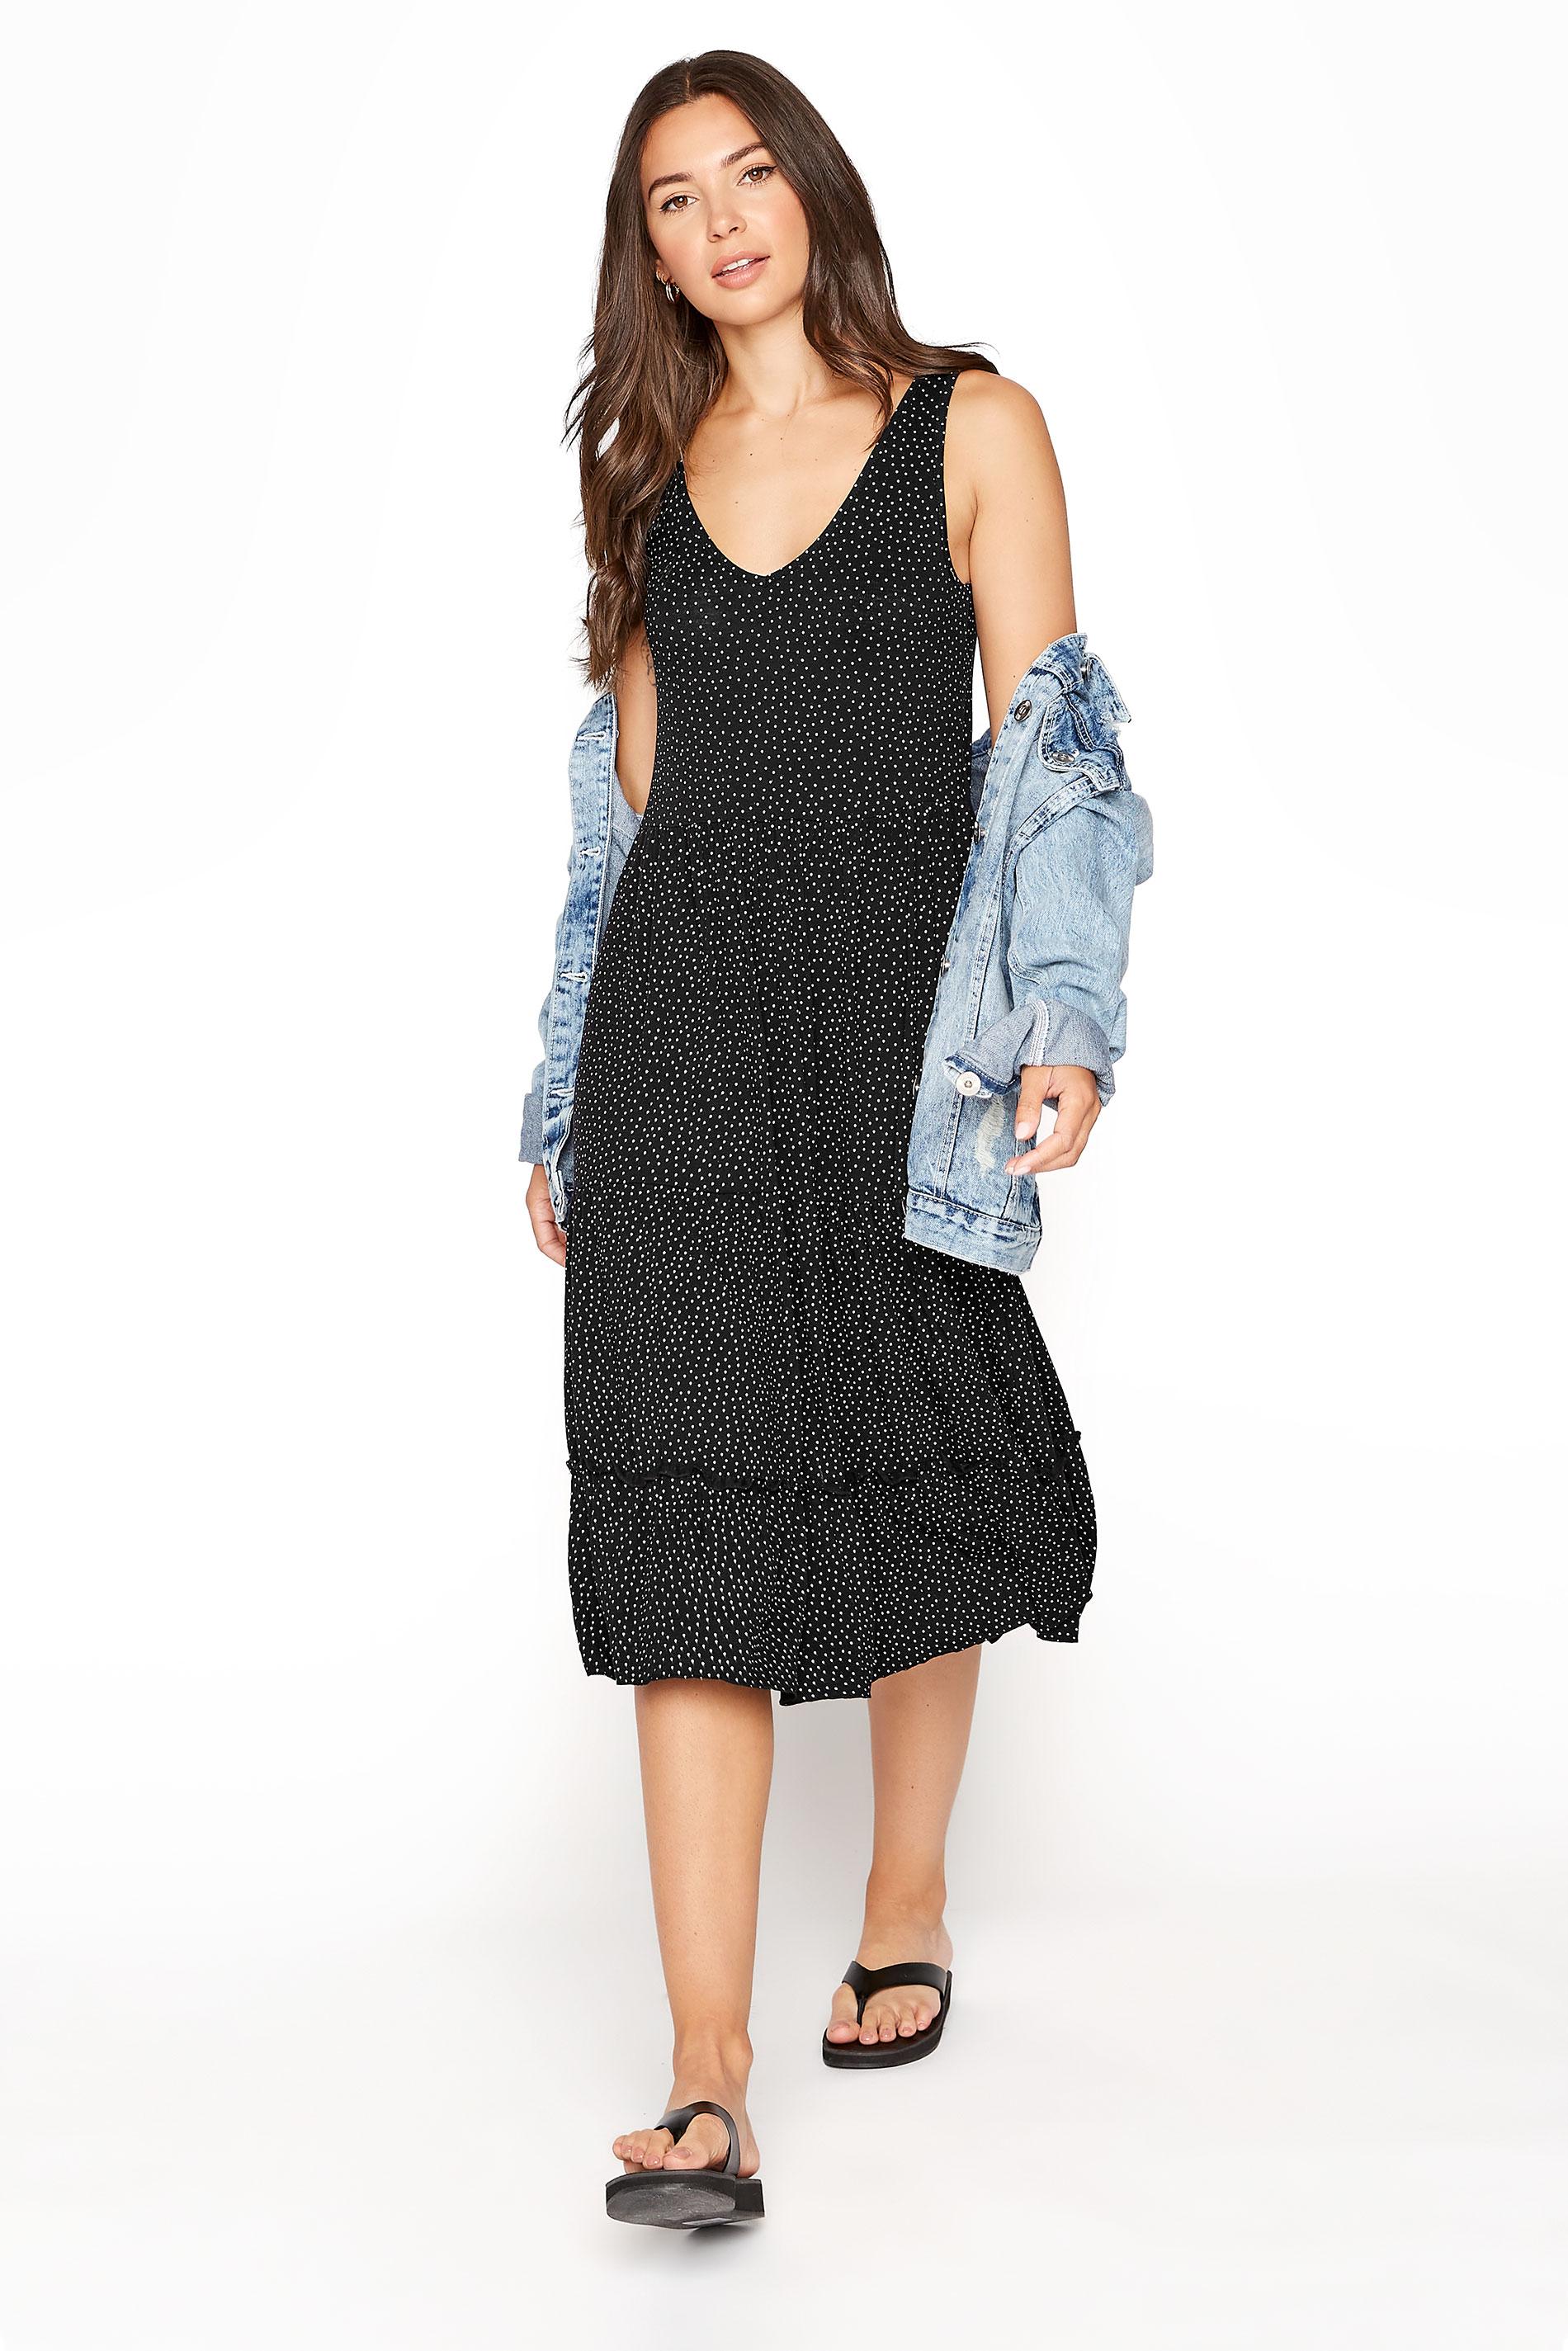 LTS Black Spot Tiered Dress